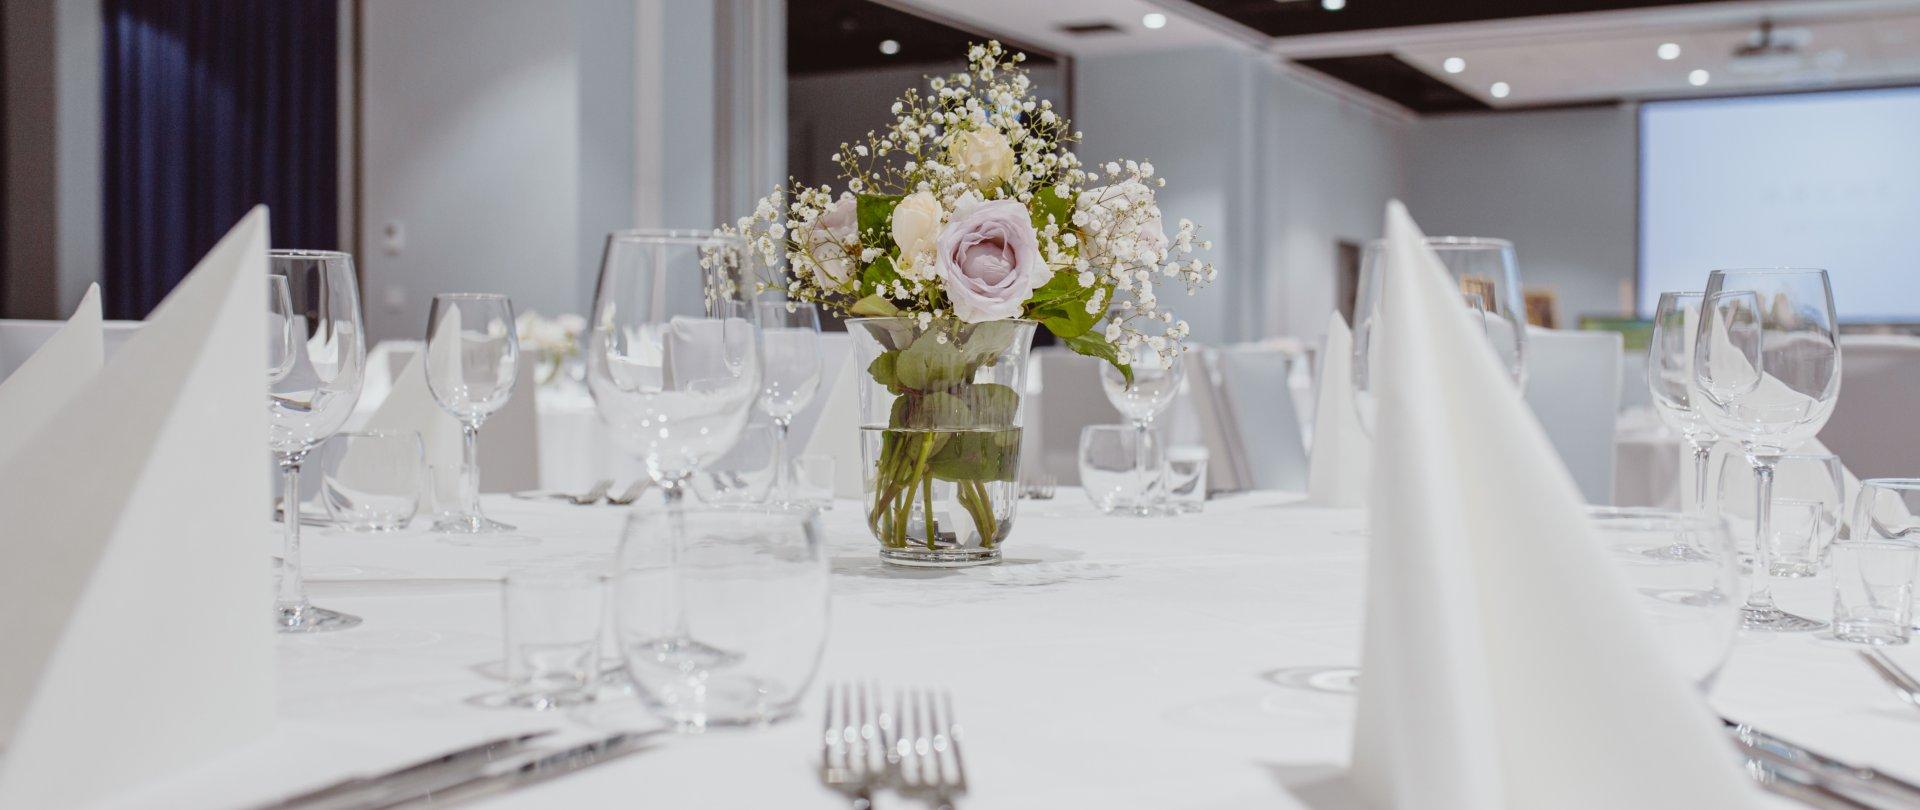 Małe Spotkanie, Event, Integracja, Gala, A Może Duża Konferencja?